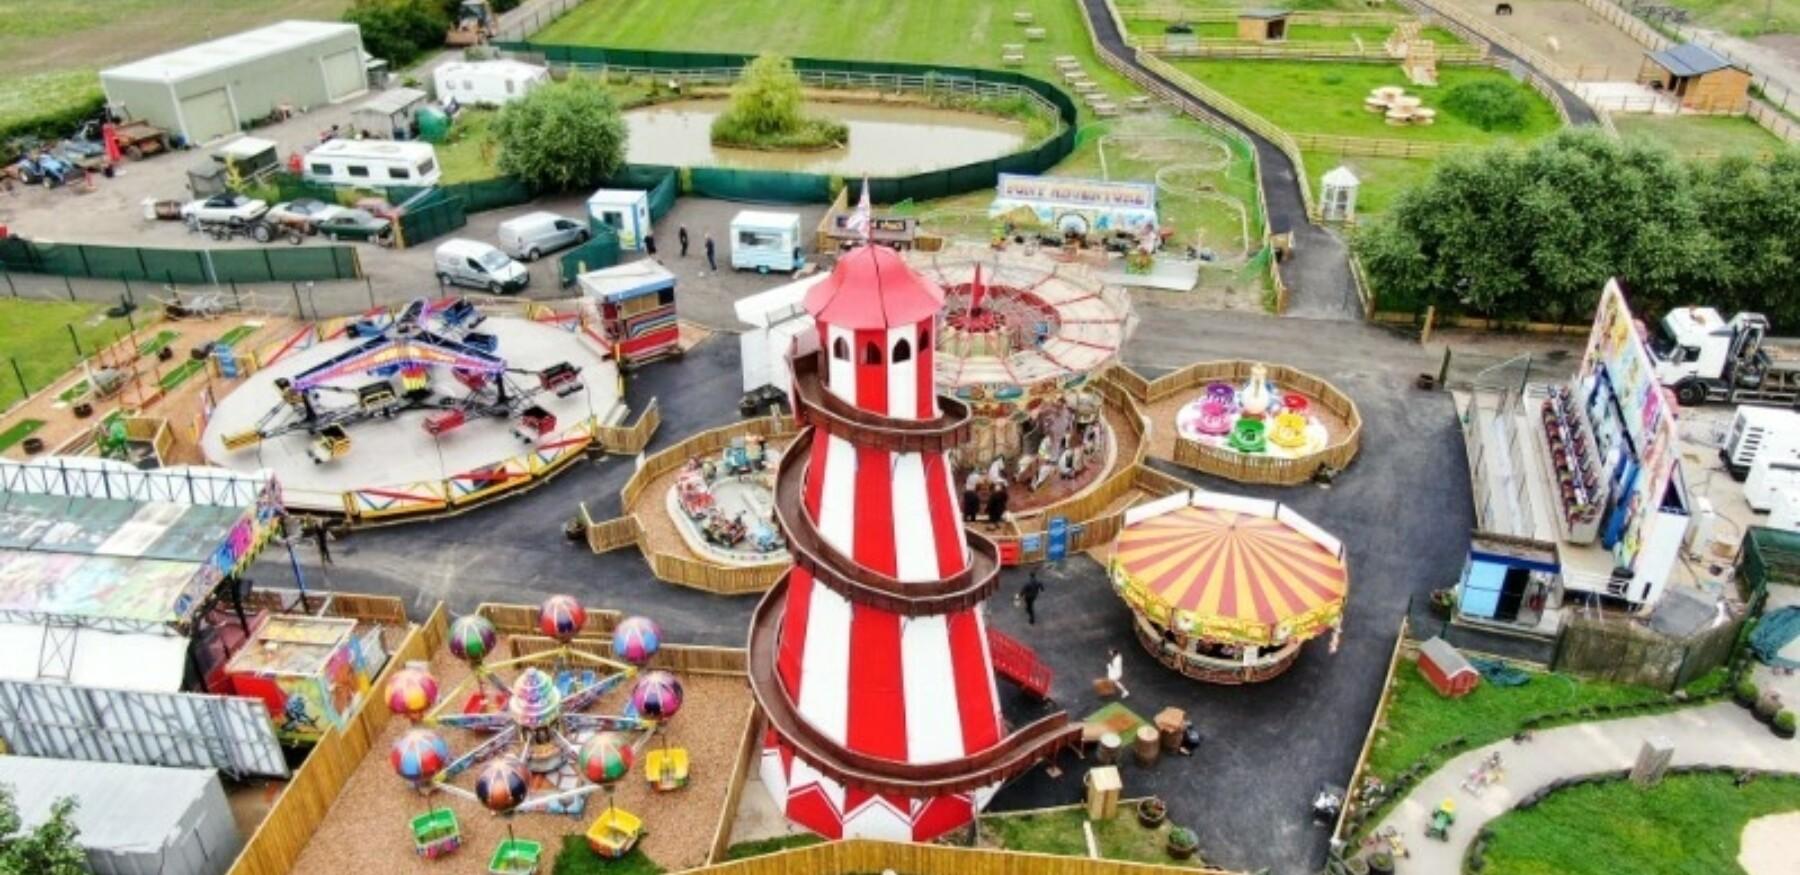 Web Adventure Park Funfair Opening 24 July 2021 milner Creative 10 1